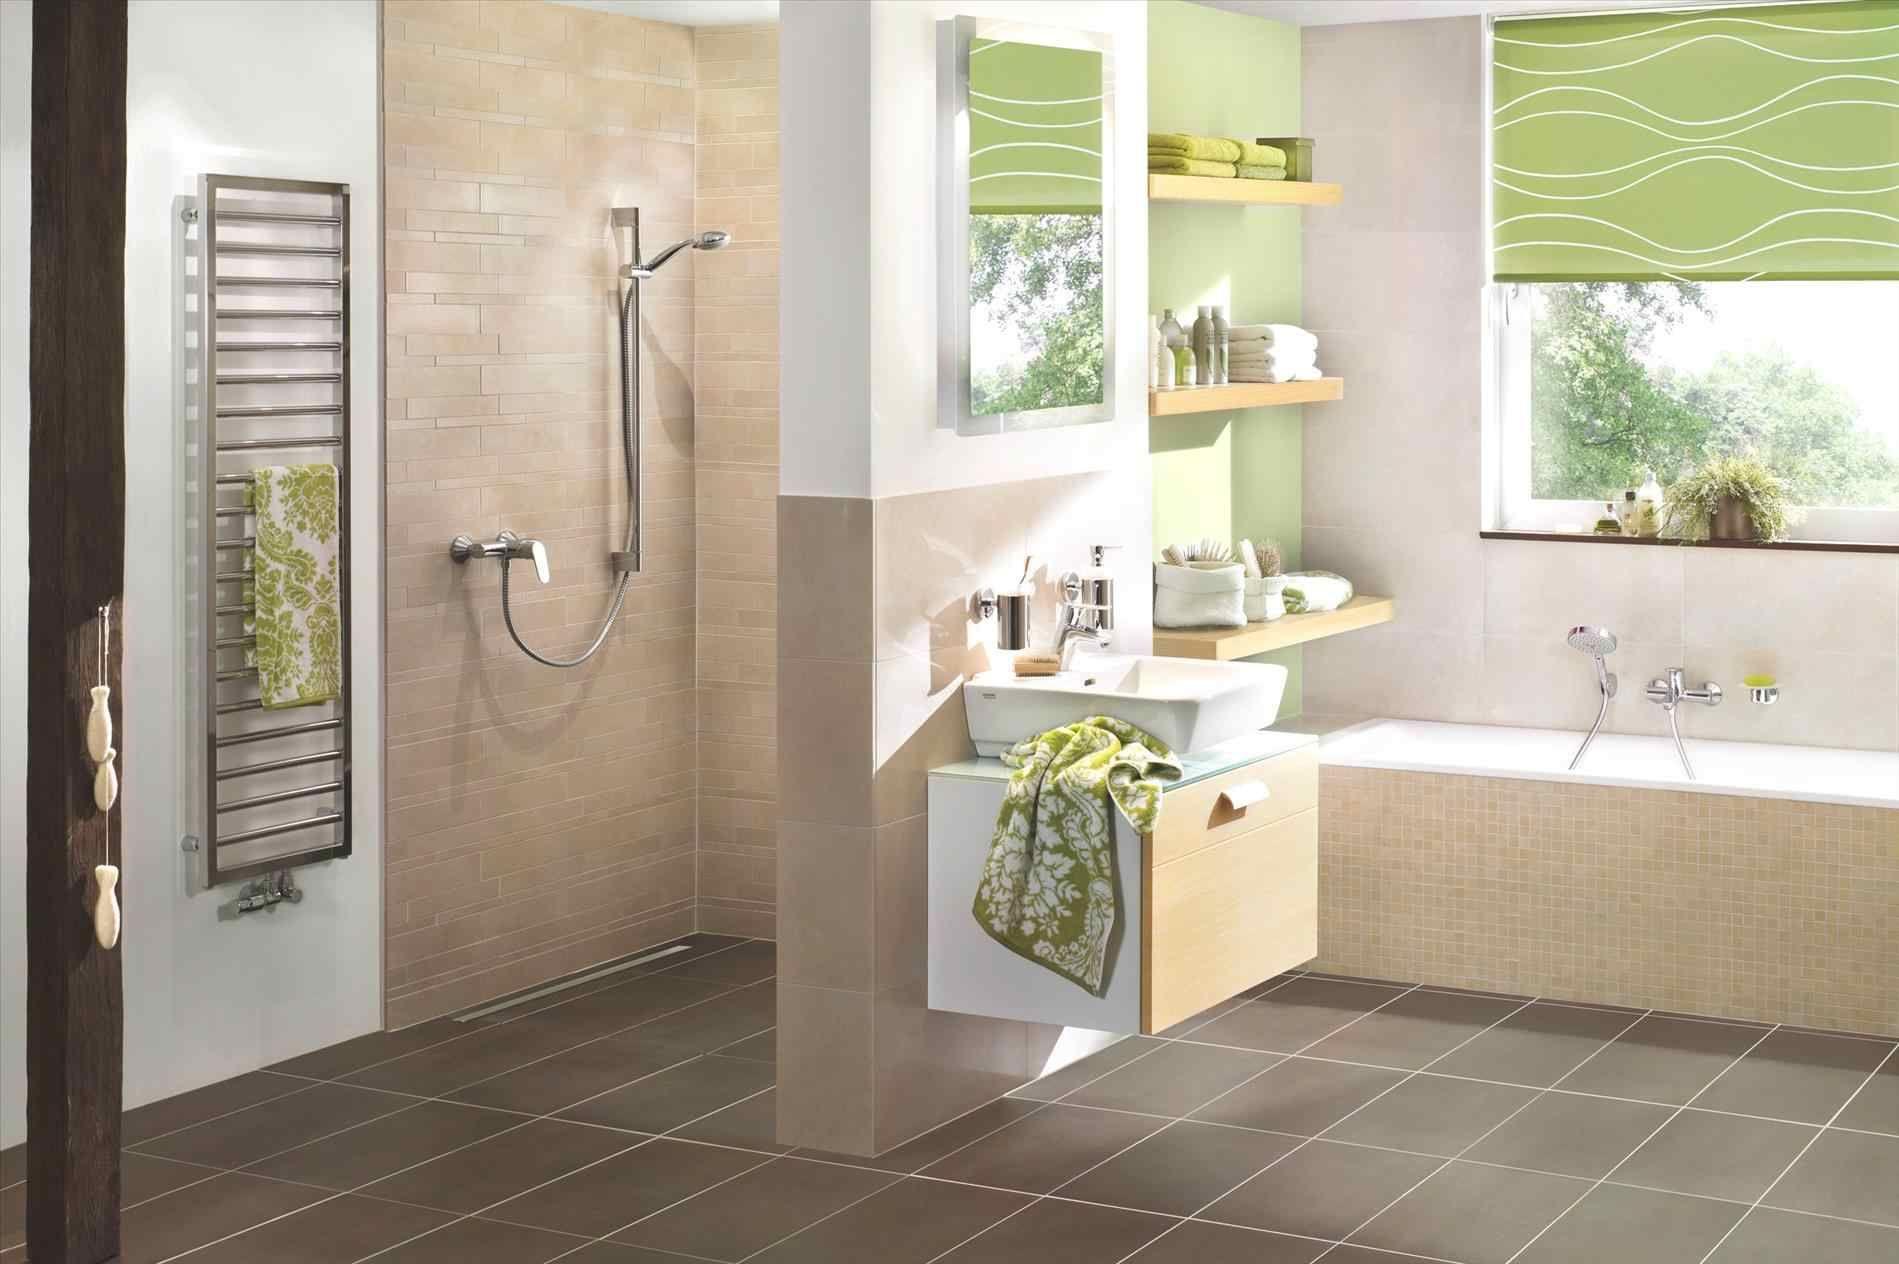 Badezimmer Ideen Ikea Dekoideen Bad Selber Machen Pinterest